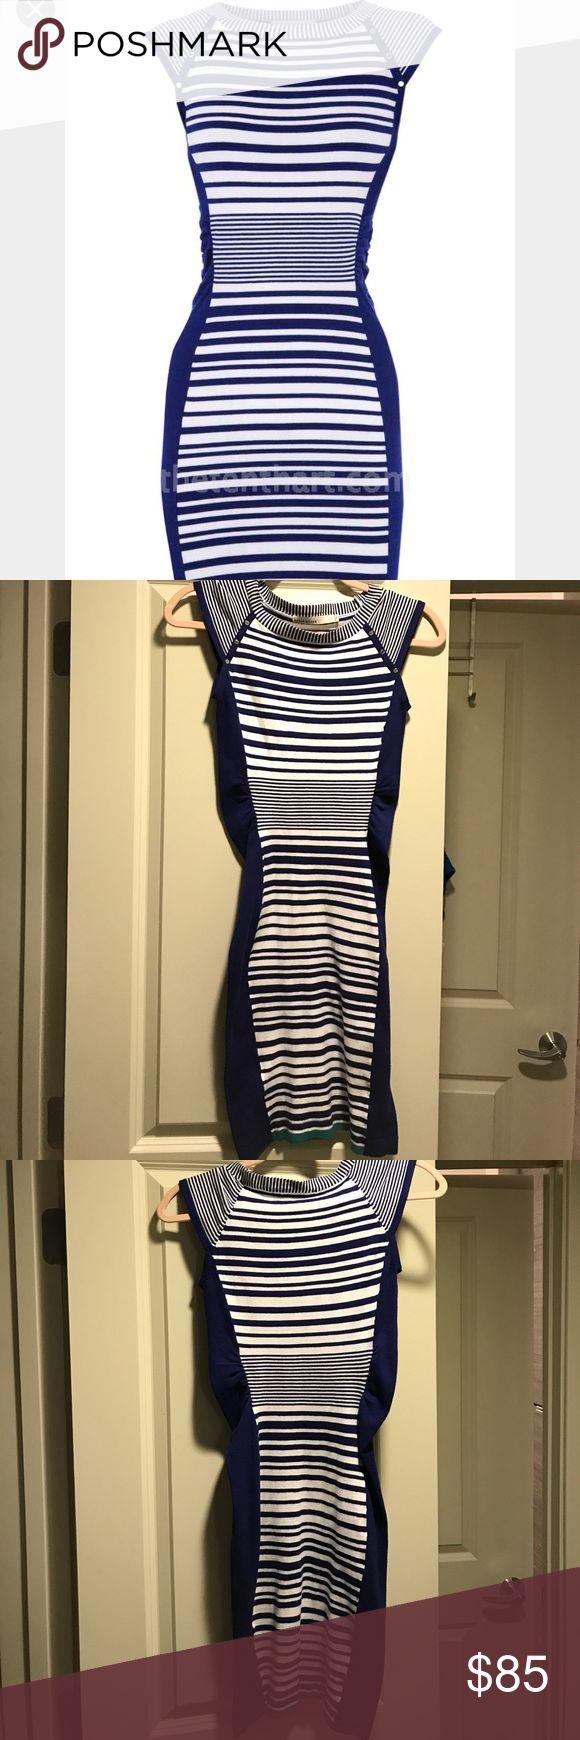 Karen Millen knit dress Excellent condition.  Karen Millen knit dress.  KM size 1.  Fits like an XXS -XS.  Has some stretch. Karen Millen Dresses